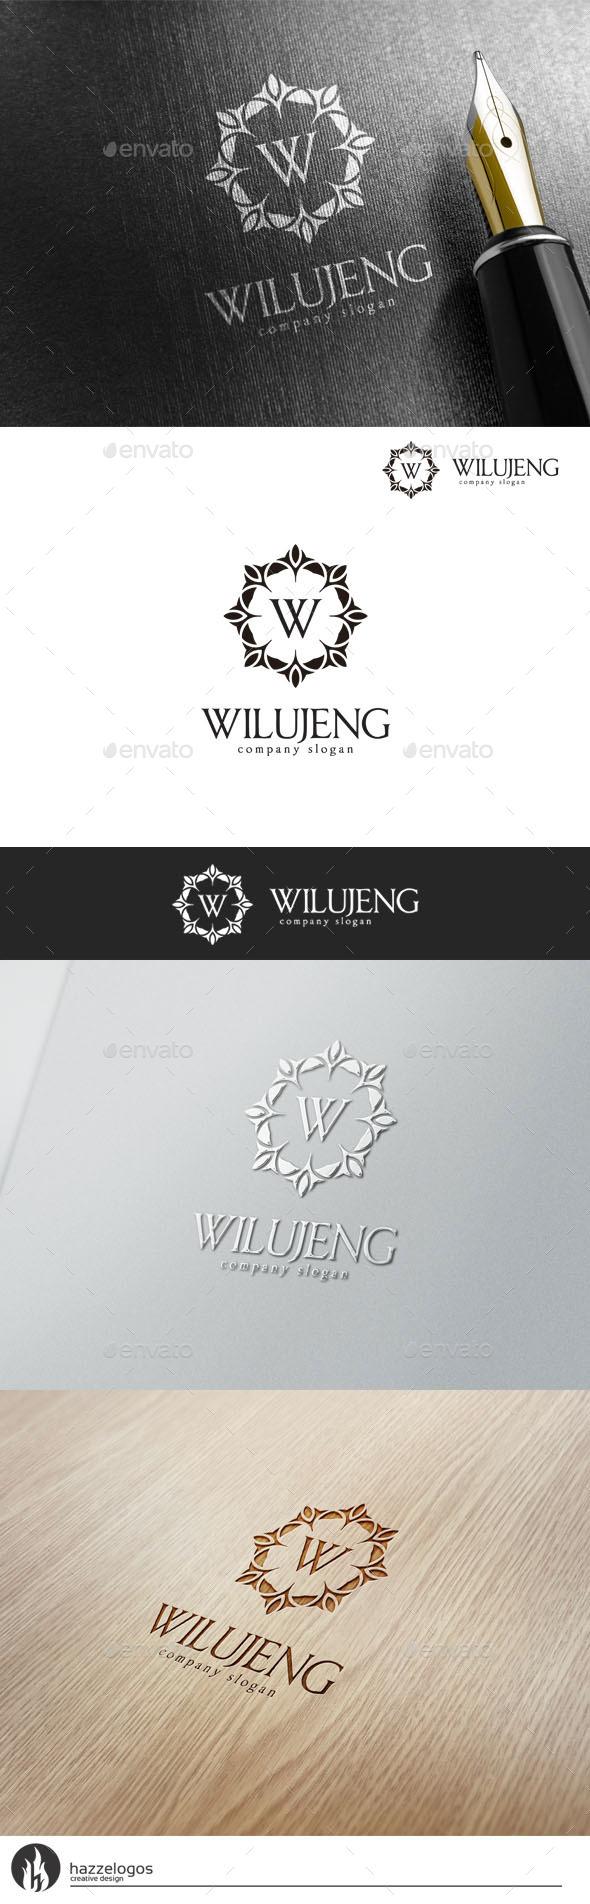 GraphicRiver Wilujeng Logo 10816287